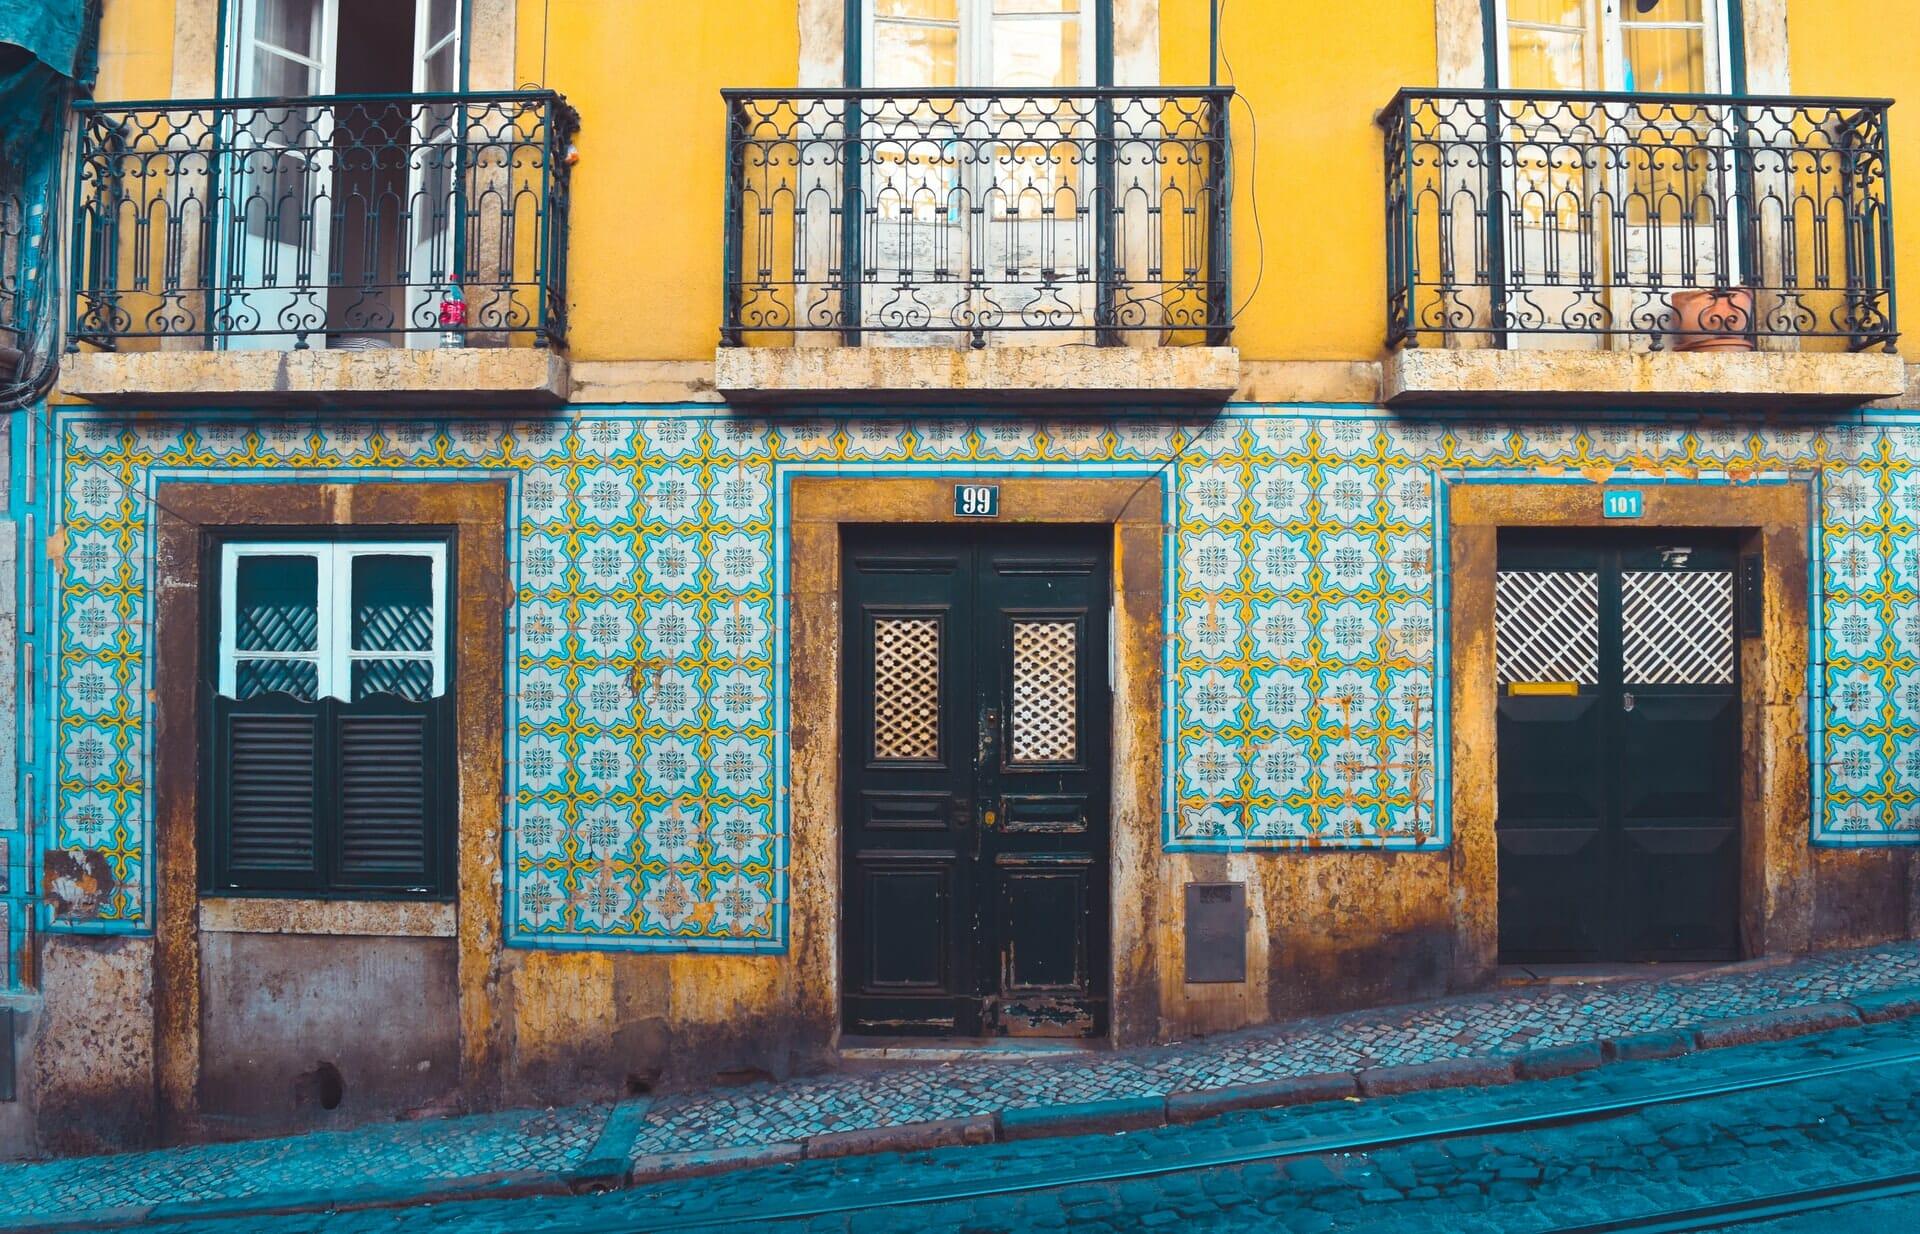 Lisbonne facade mosaique